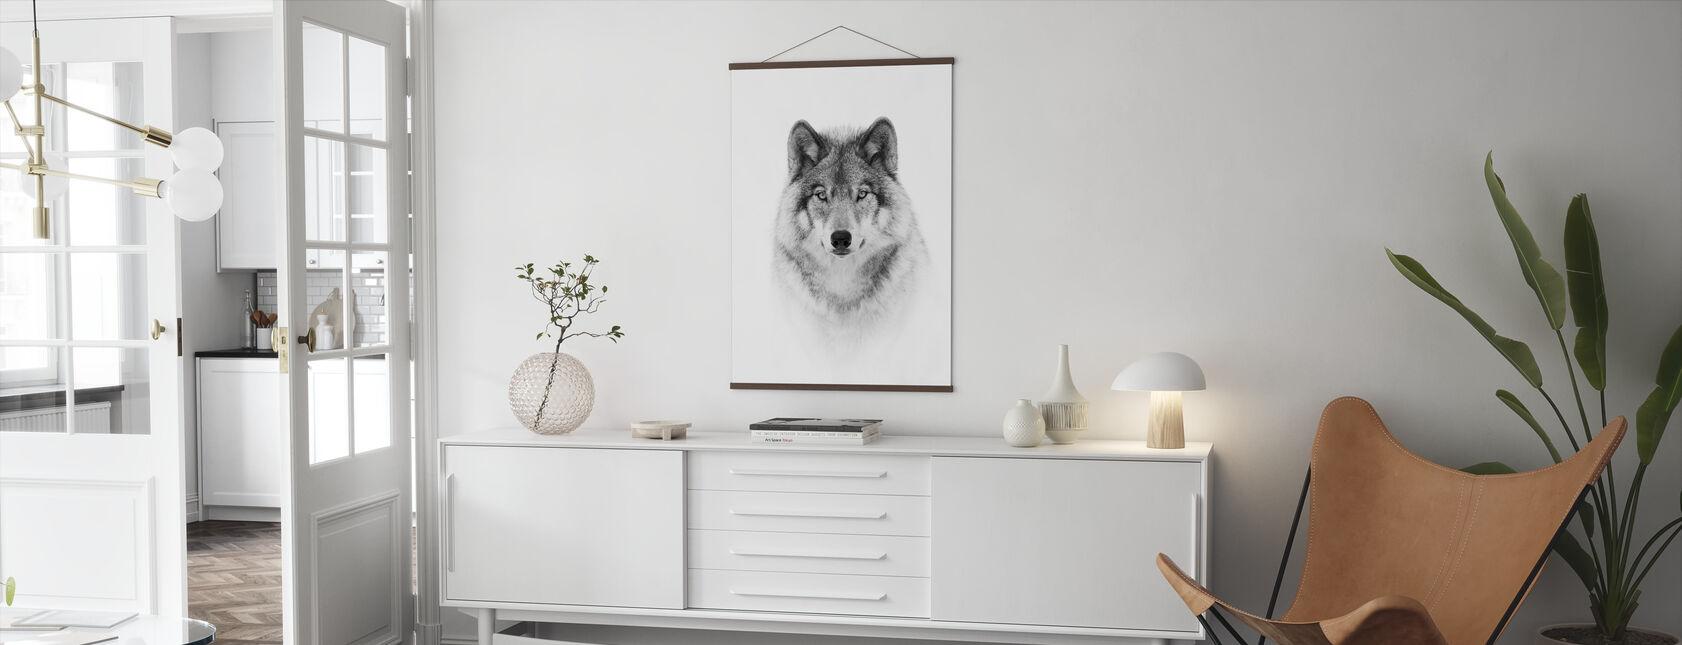 Portret van een houtwolf - Poster - Woonkamer